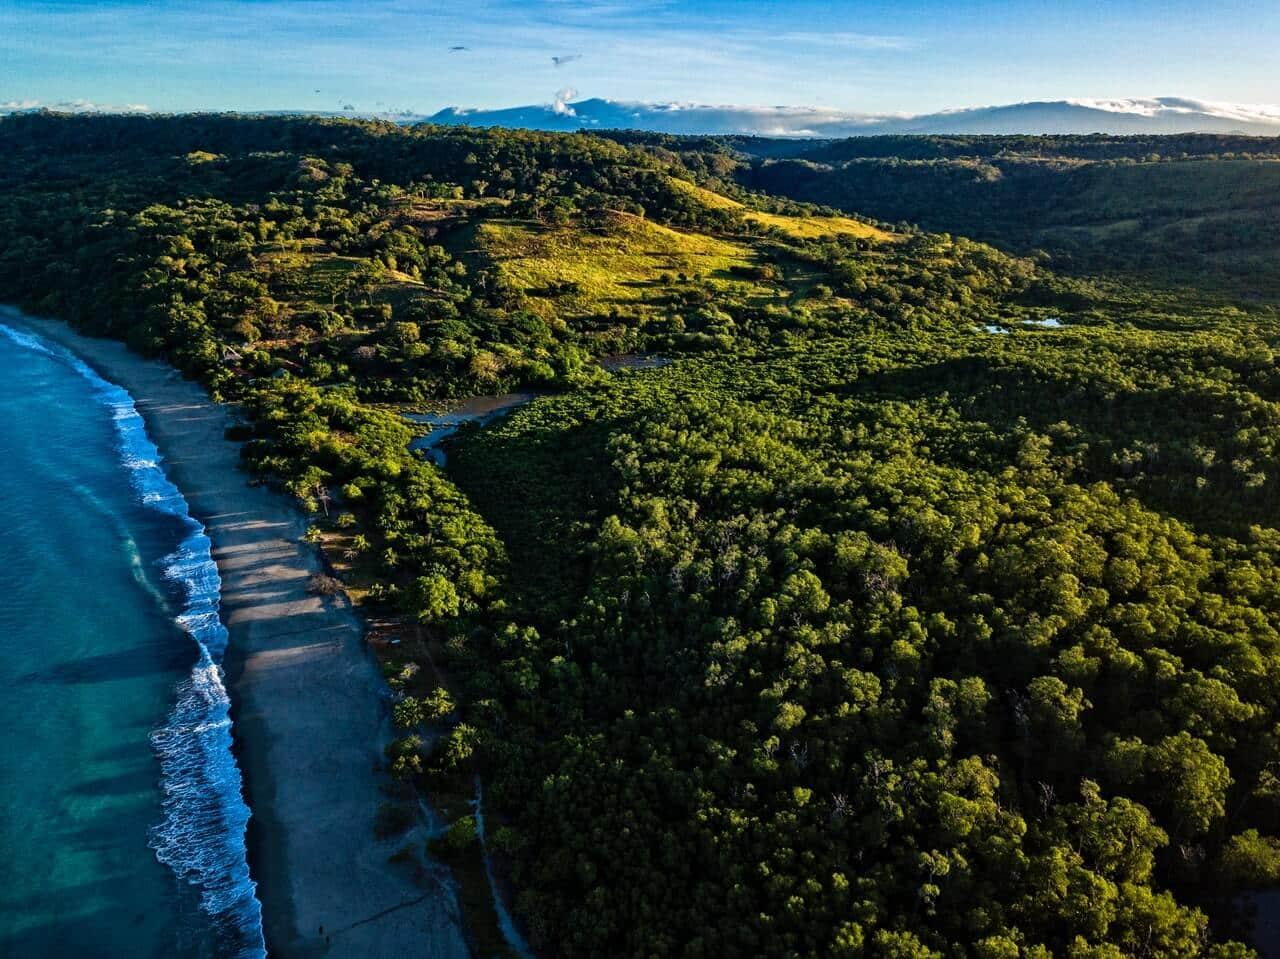 Luchtfoto van een strand in Costa Rica met aangrenzend de natuur met bomen.